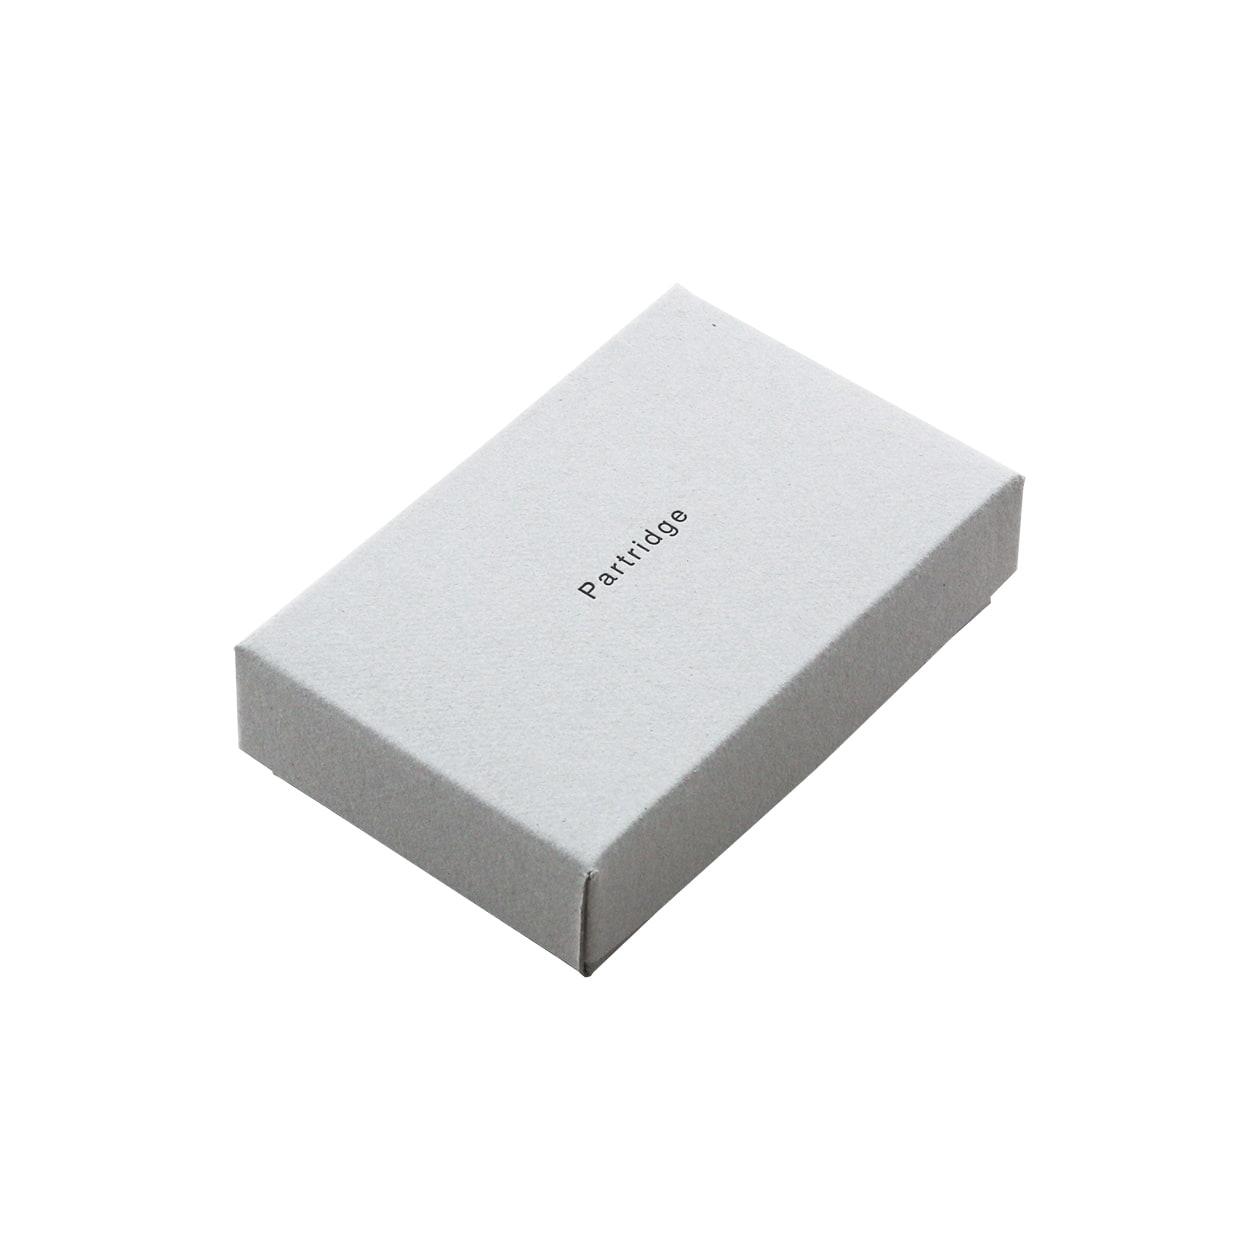 サンプル 箱(糊どめ箱) 00029